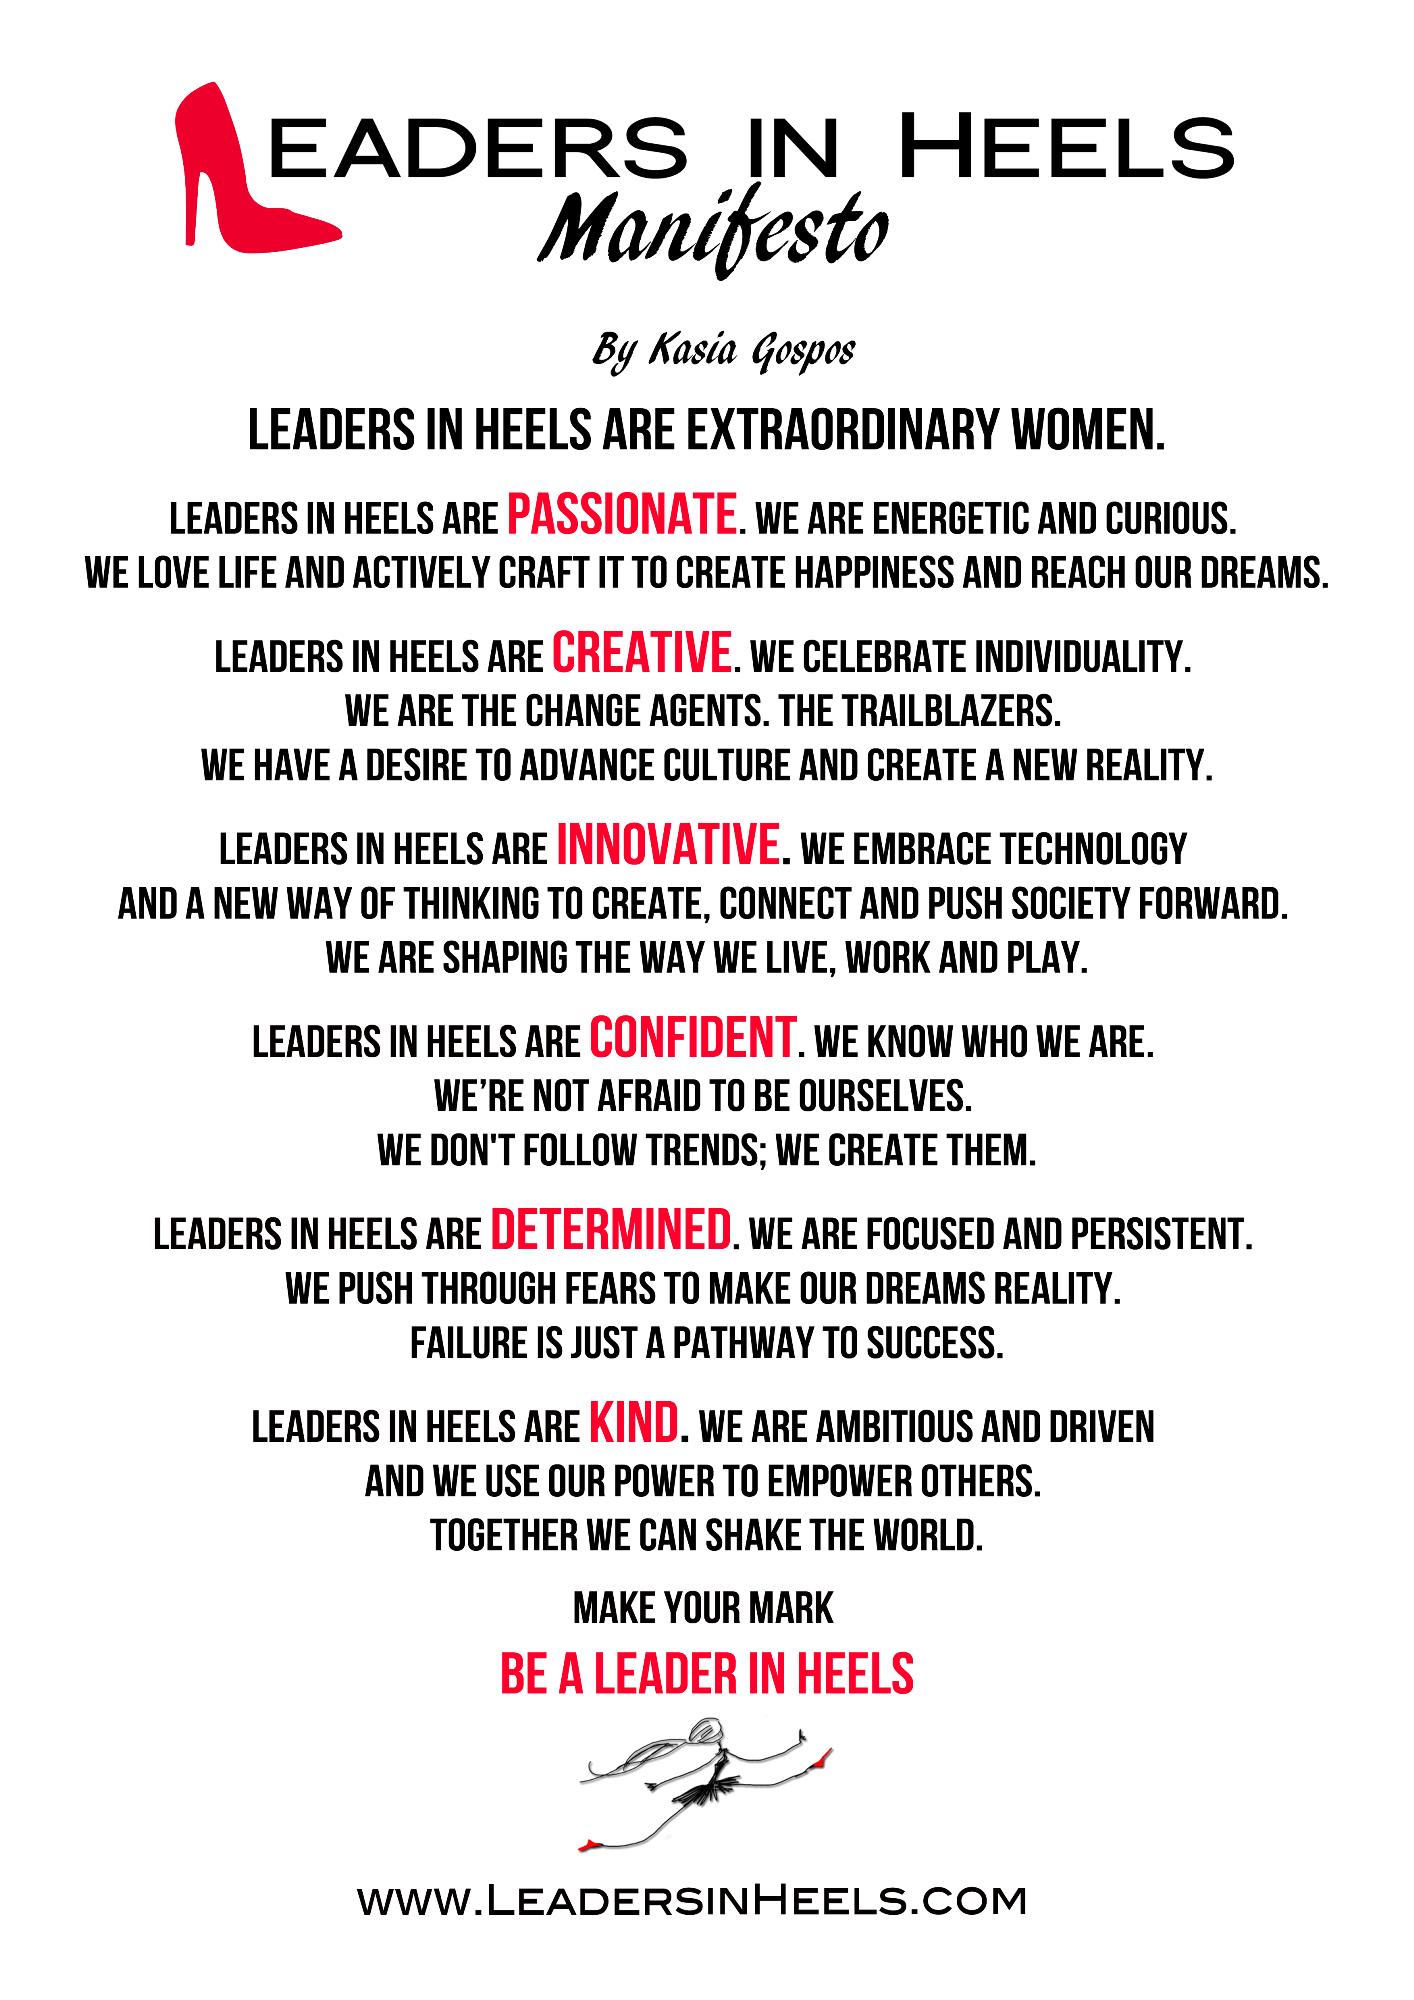 manifesto leadership leadership traits leadership